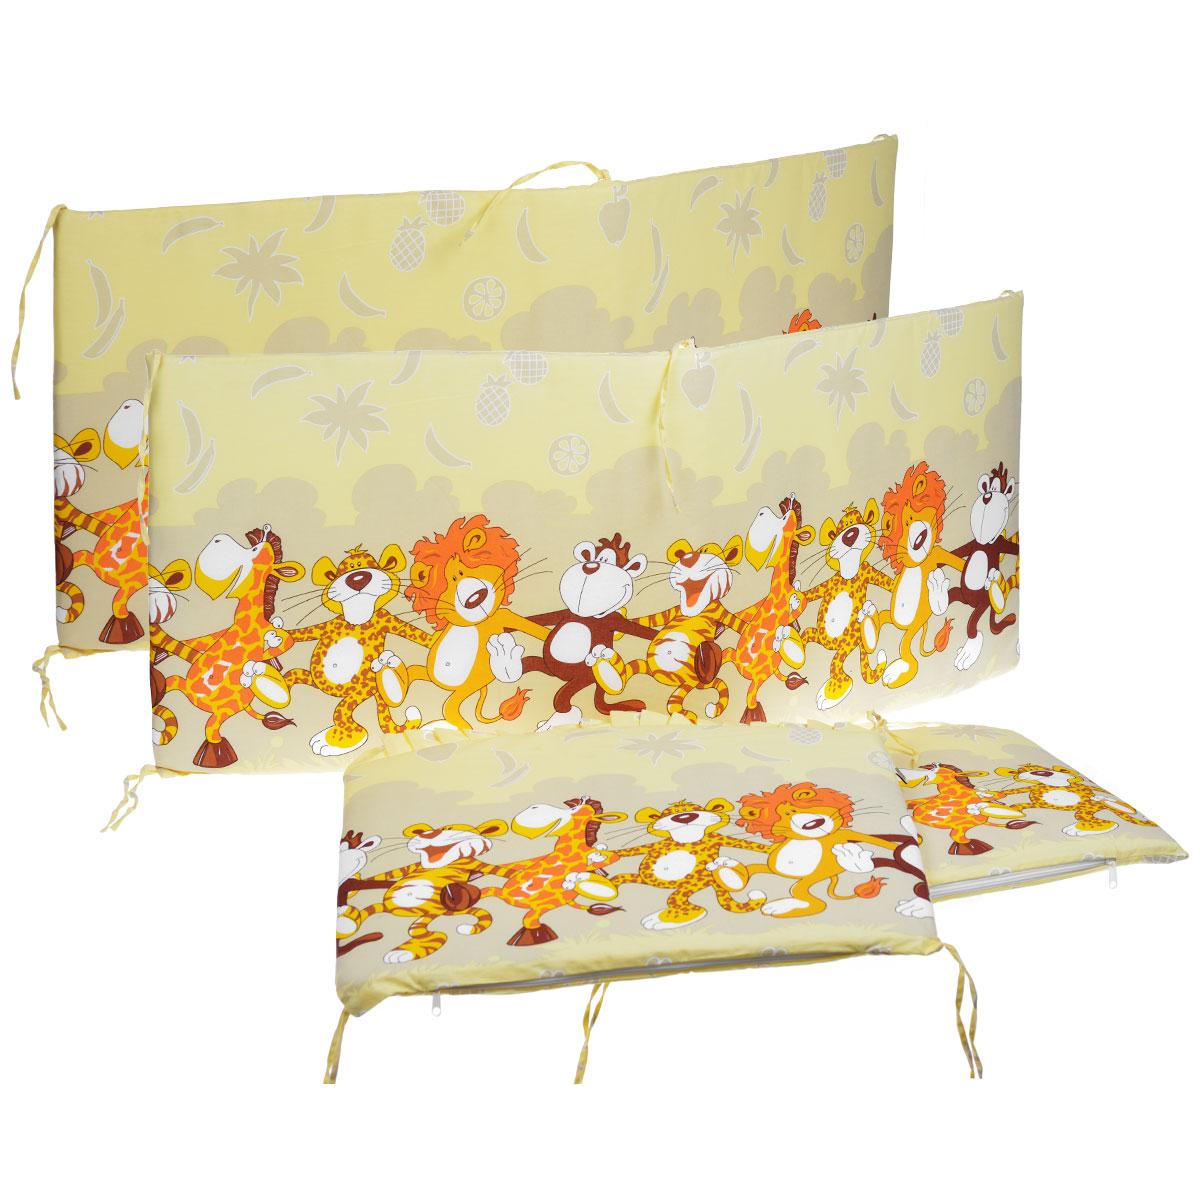 """Бампер в кроватку """"Африка"""" состоит из четырех частей и закрывает весь периметр кроватки. Бортик крепится к кроватке с помощью специальных завязок, благодаря чему его можно поместить в любую детскую кроватку. Бампер выполнен из бязи - натурального хлопка безупречной выделки. Деликатные швы рассчитаны на прикосновение к нежной коже ребенка. Бампер оформлен оборками и авторским рисунком с изображениями веселых танцующих зверей. Наполнителем служит холлкон - эластичный синтетический материал, экологически безопасный и гипоаллергенный, обладающий высокими теплозащитными свойствами. Бампер защитит ребенка от возможных ударов о деревянные или металлические части кроватки. Бортик подходит для кроватки размером 120 см х 60 см."""